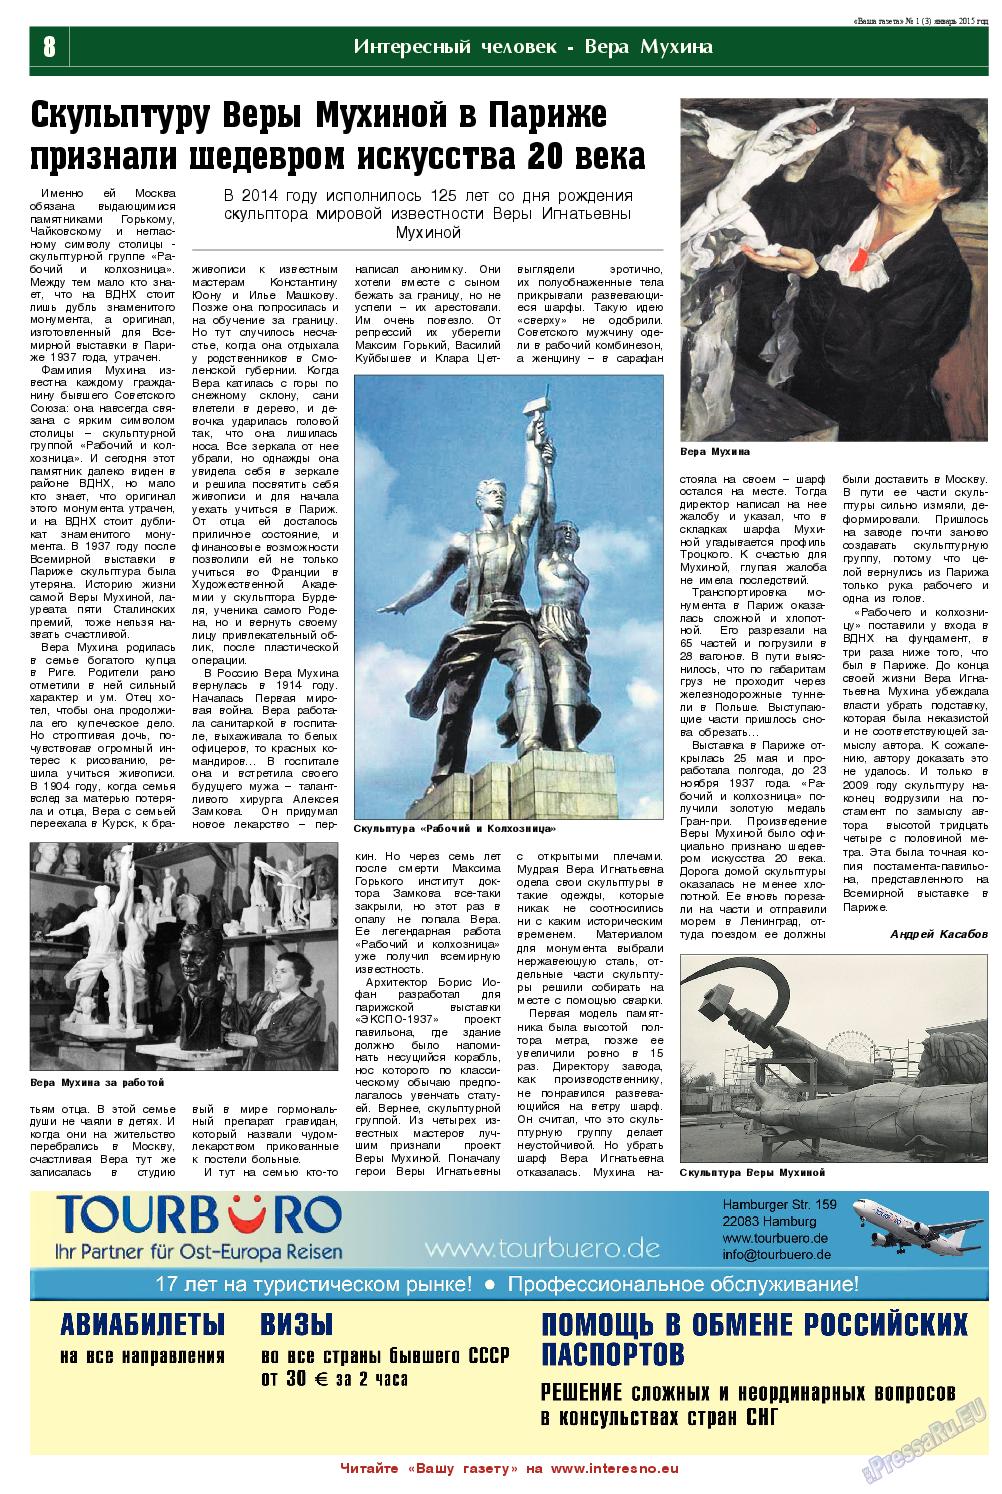 Ваша газета (газета). 2015 год, номер 1, стр. 8